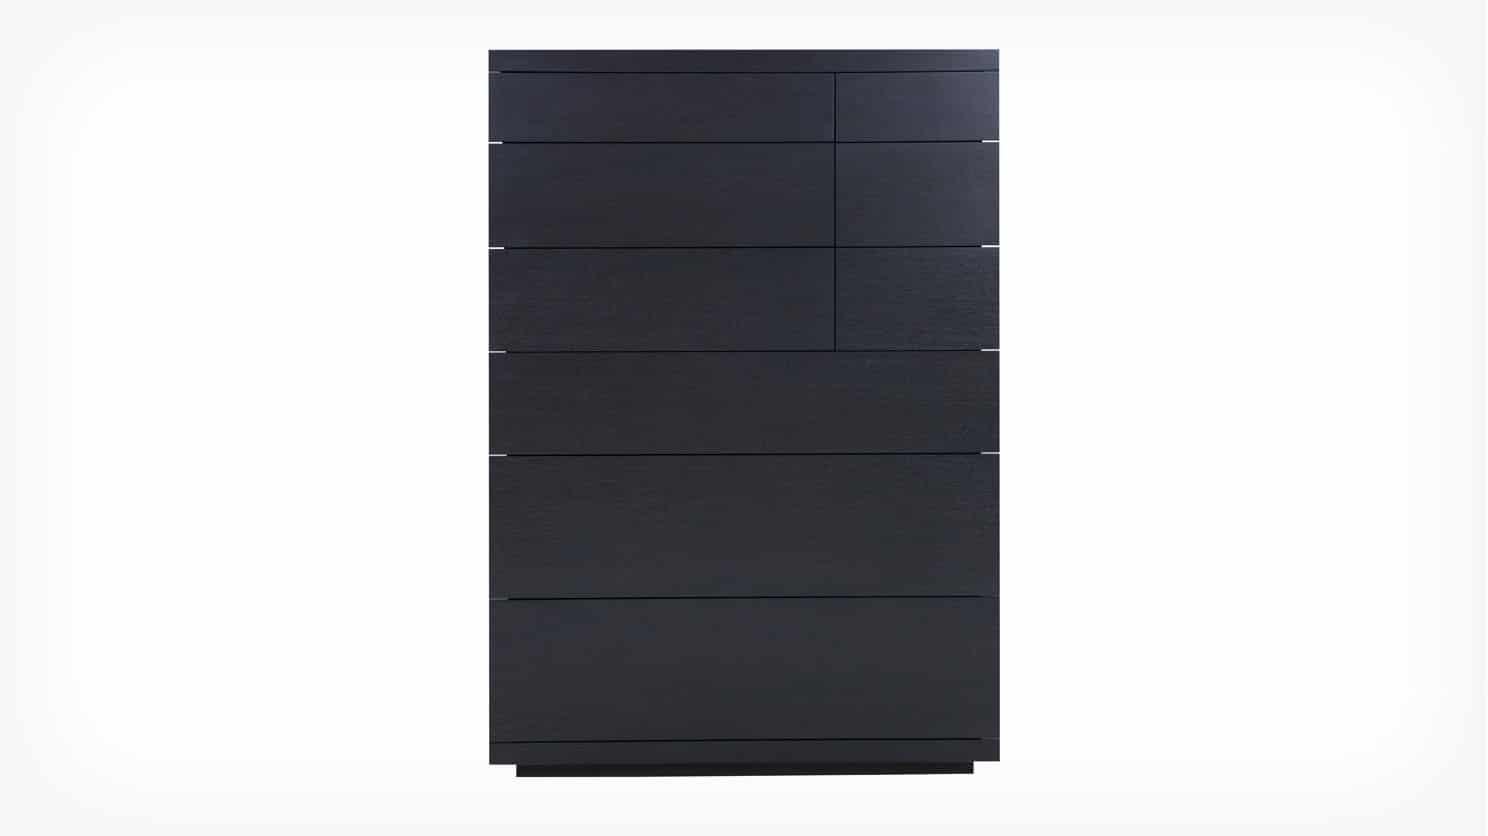 6080 437 par 1 chests boom chest onyx front 1